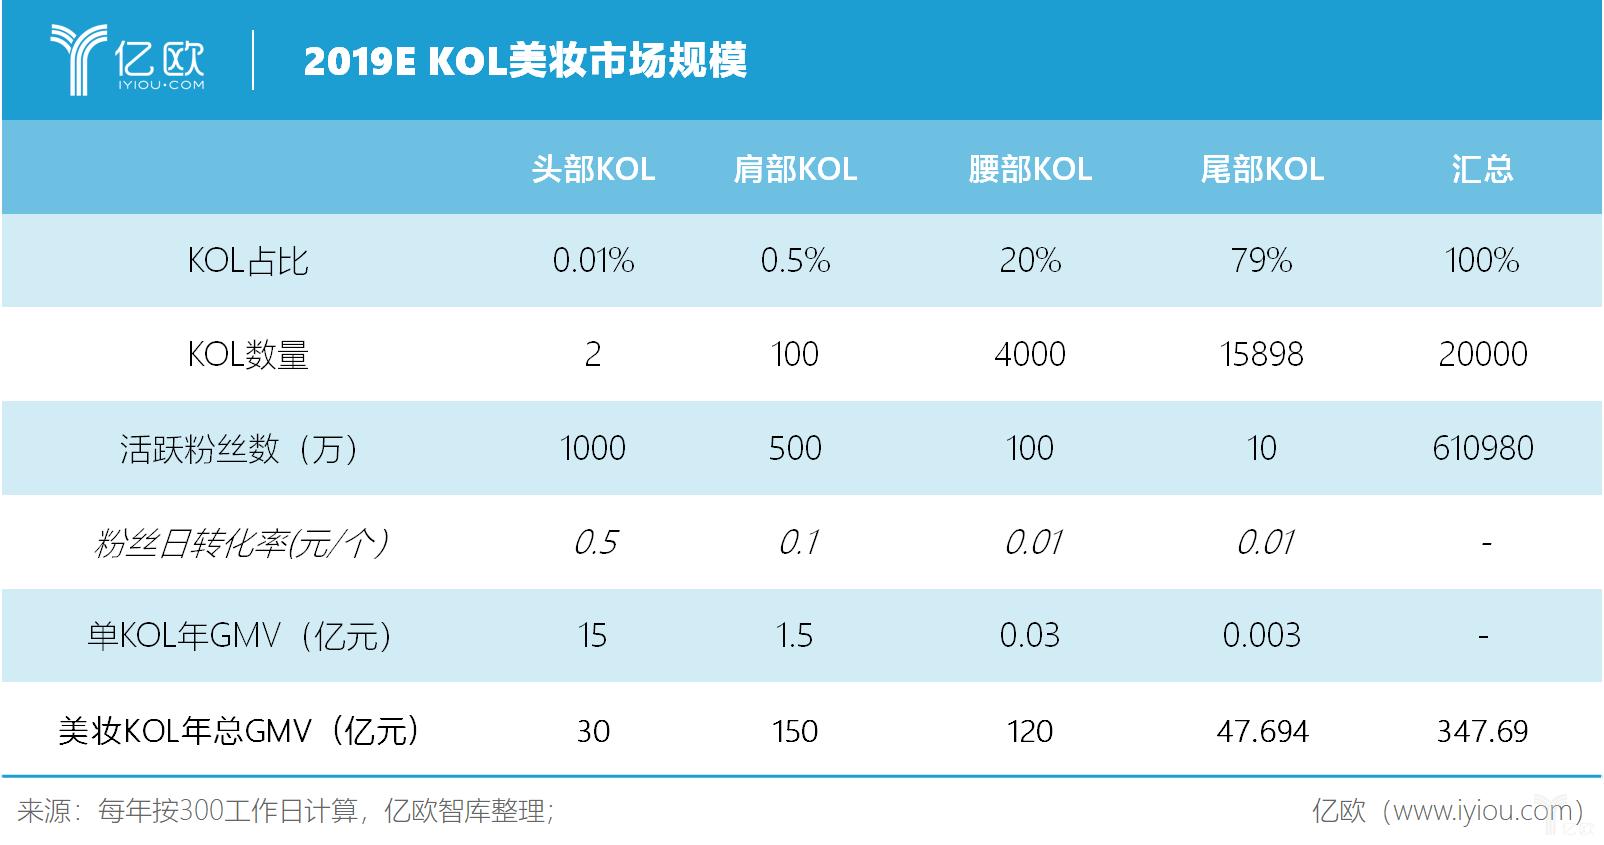 亿欧智库:2019E KOL美妆市场规模